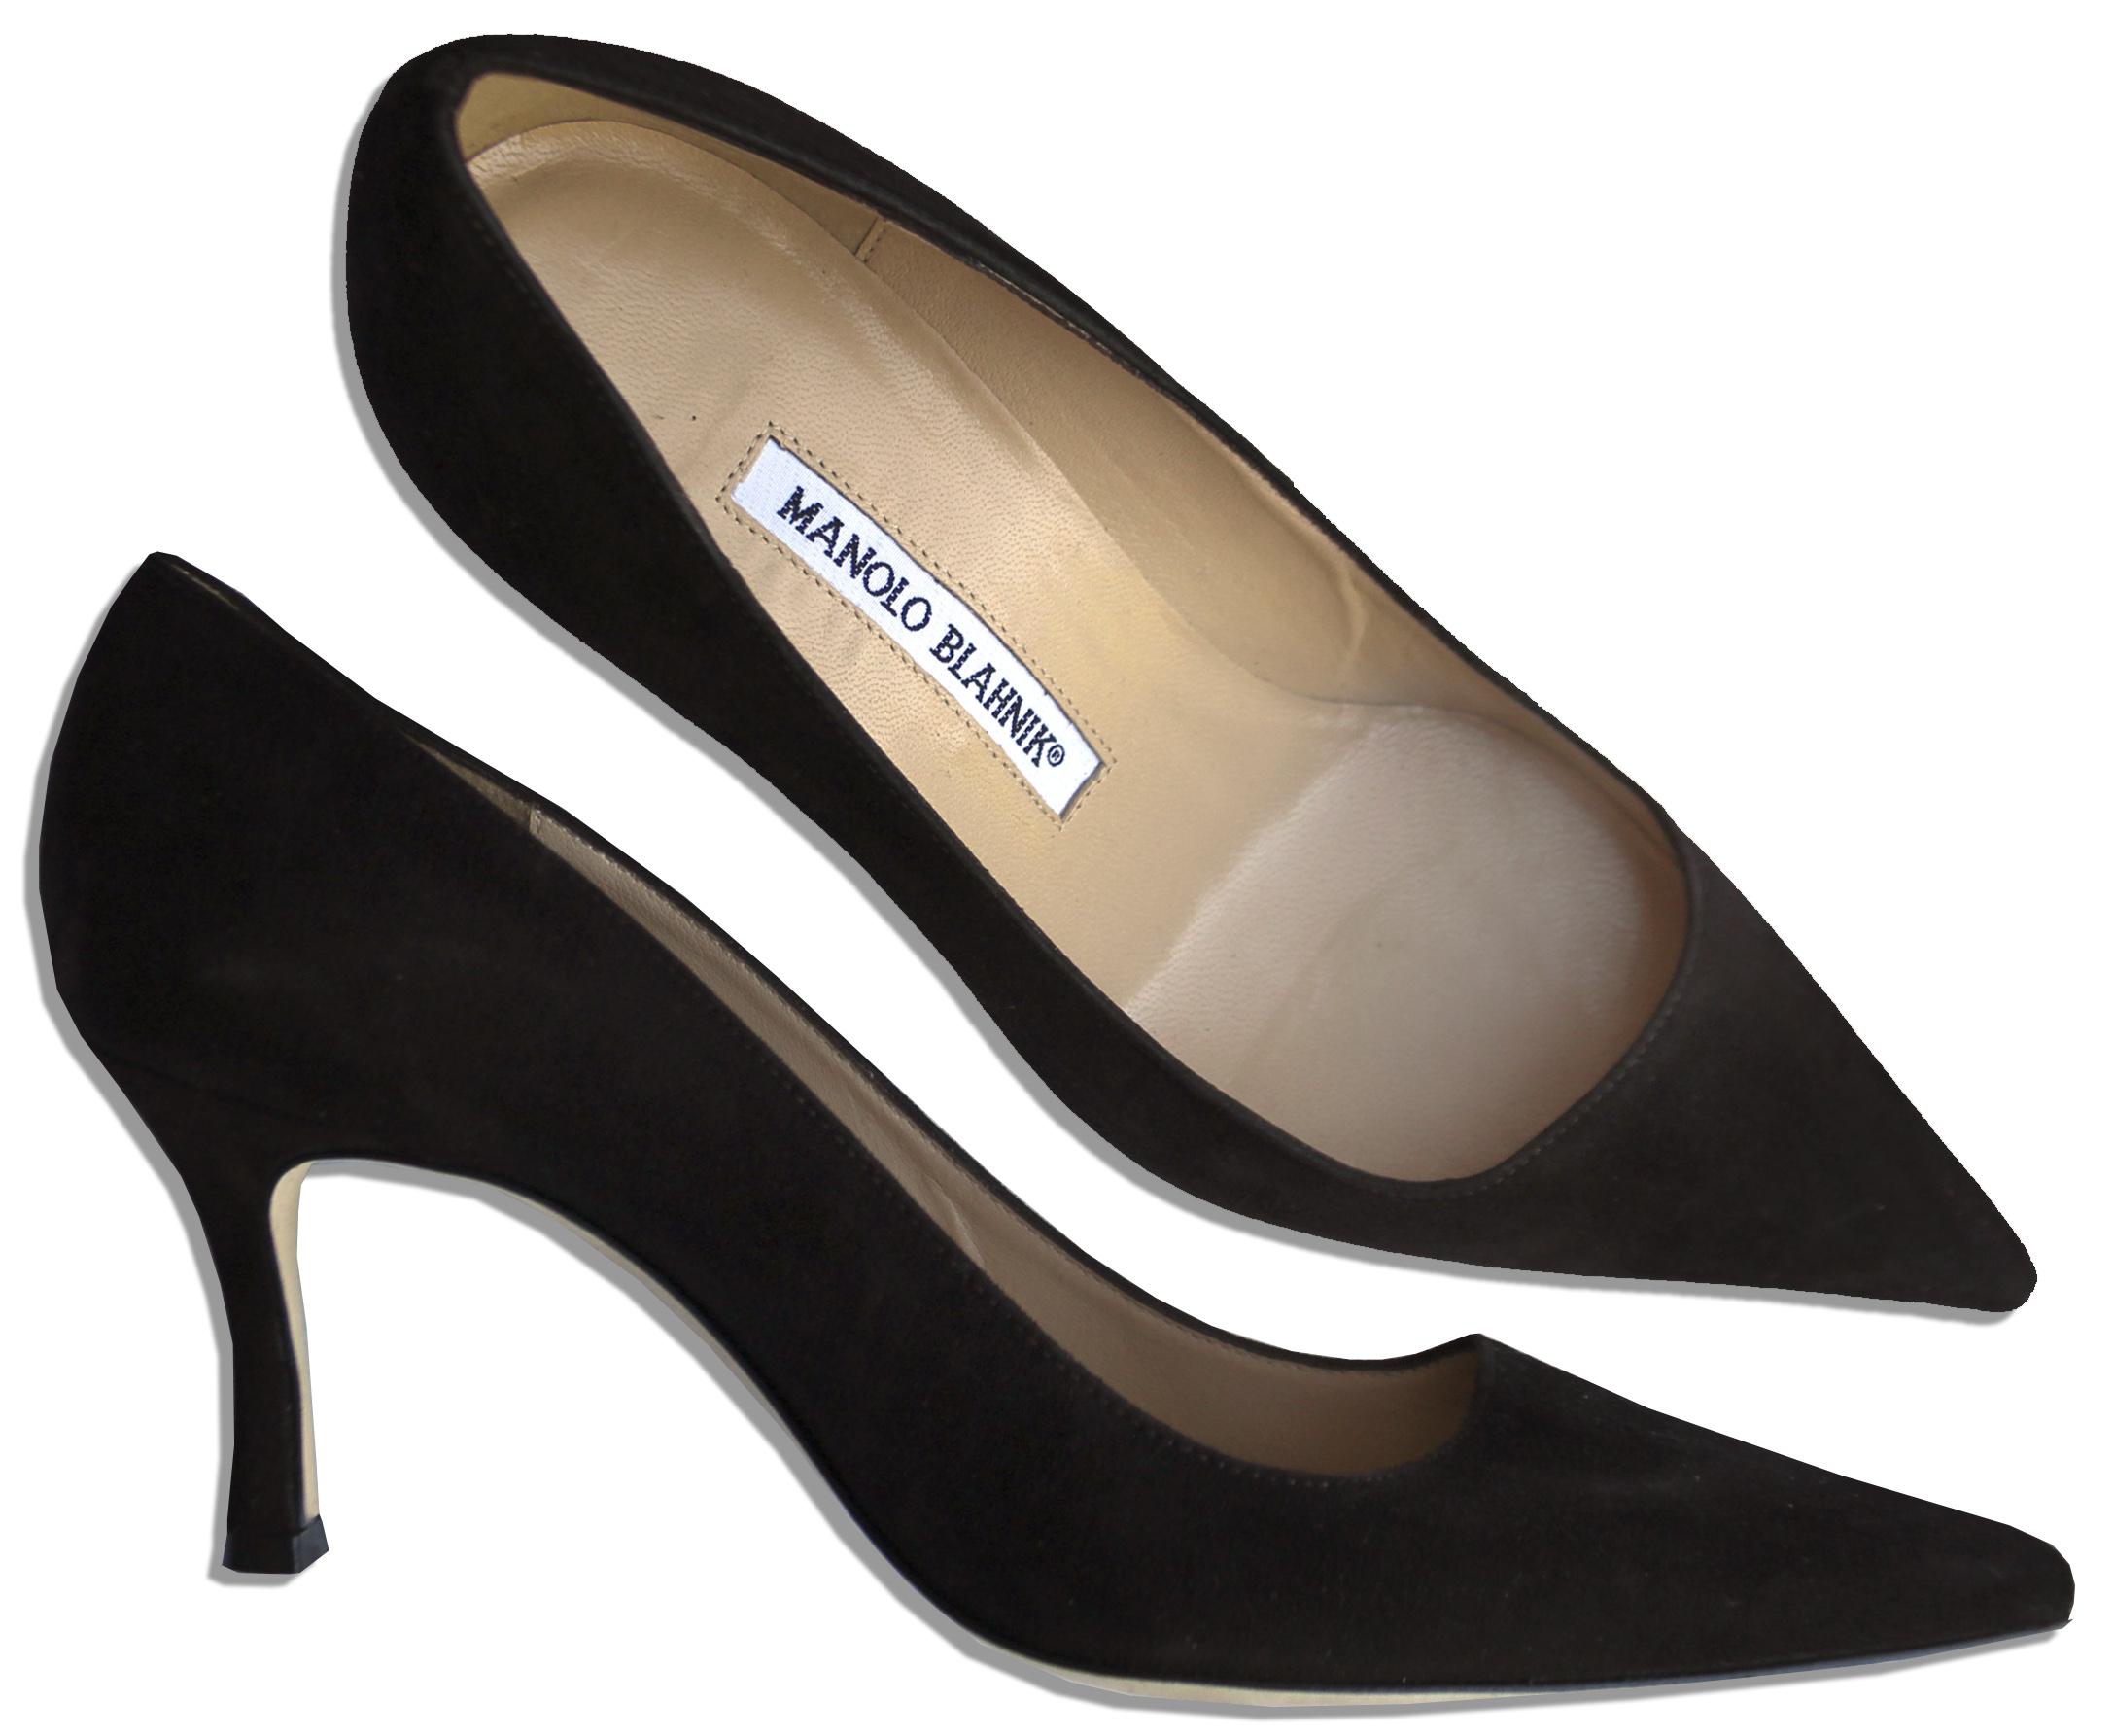 Schuhe Von Manolo Blahnik  J Lg